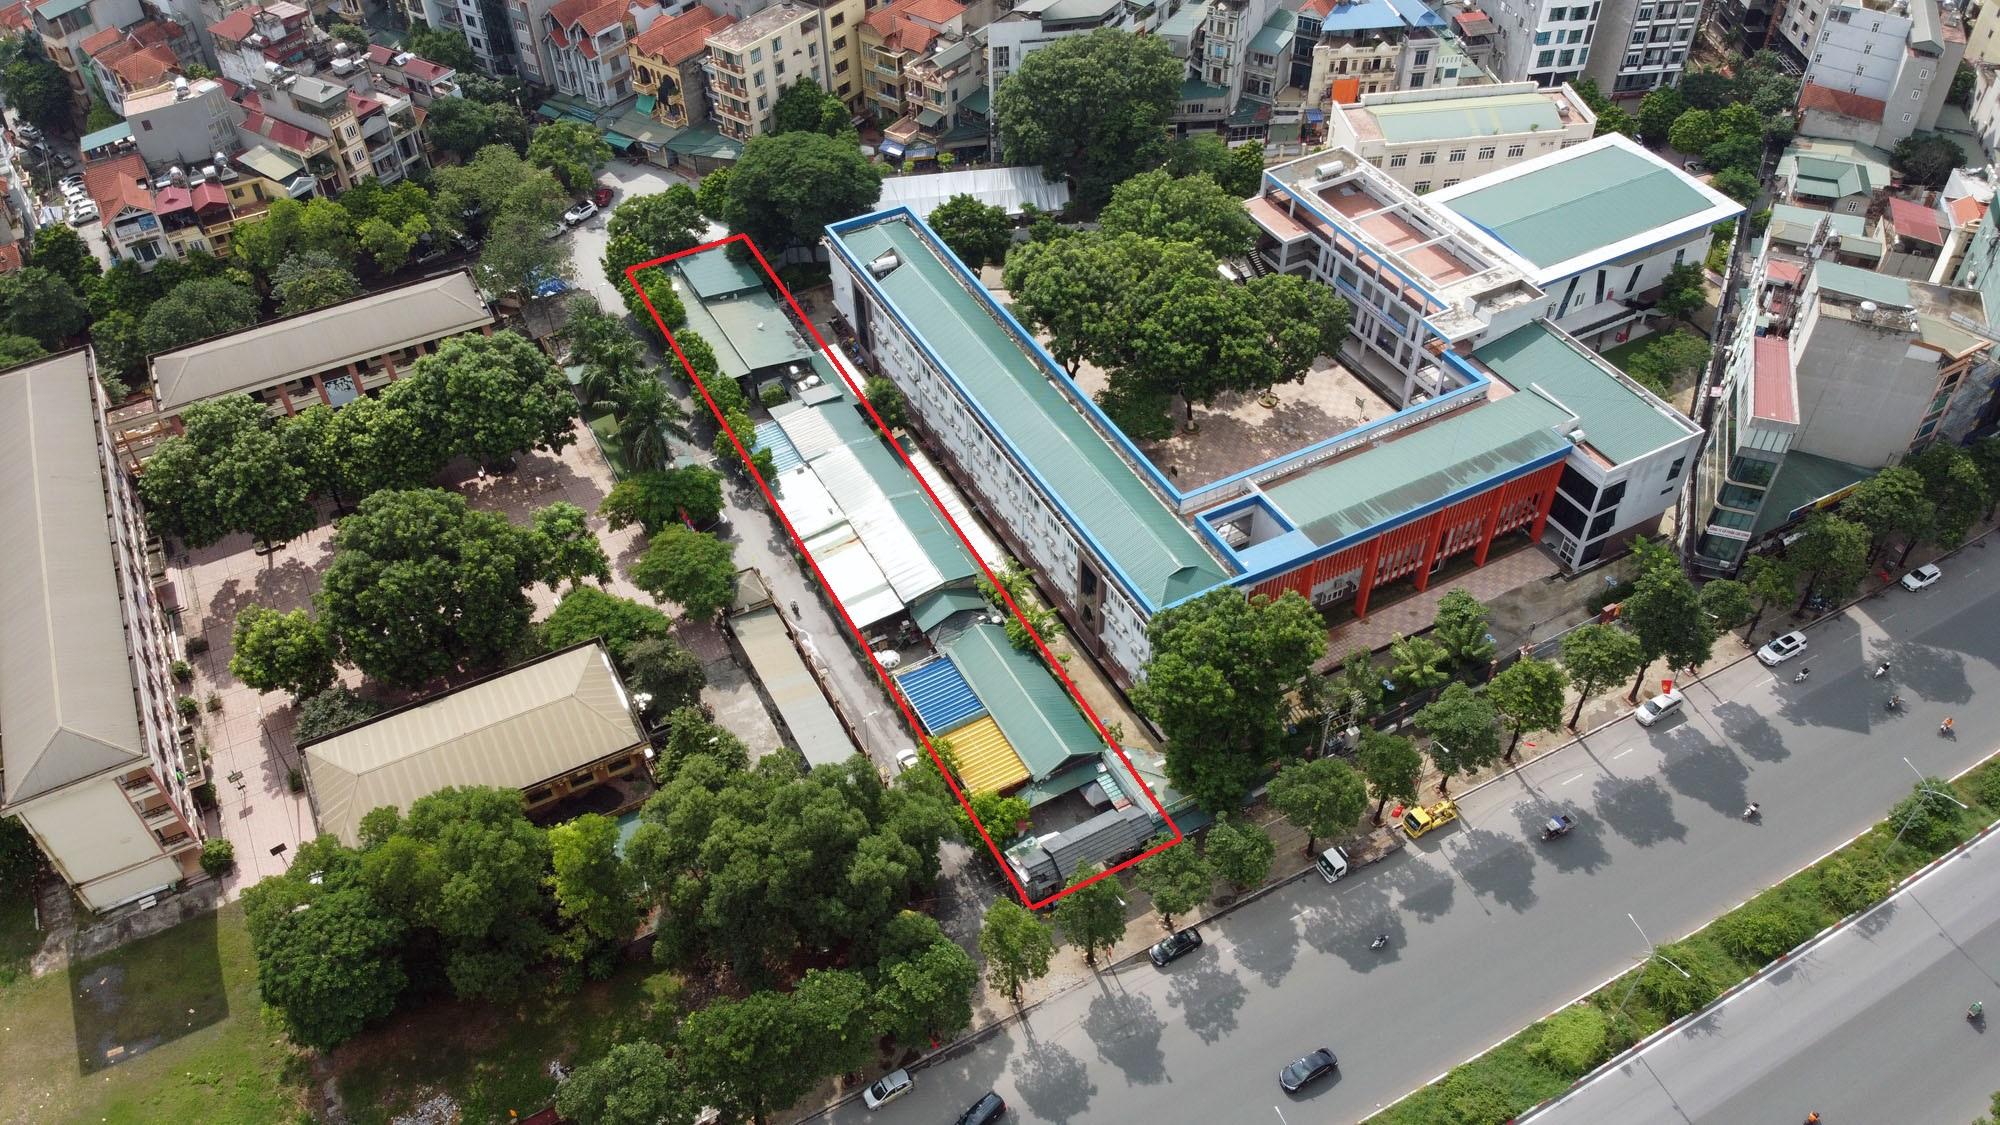 Những mảnh đất chưa sử dụng theo qui hoạch ở vùng qui hoạch đẹp Keangnam - Ảnh 2.